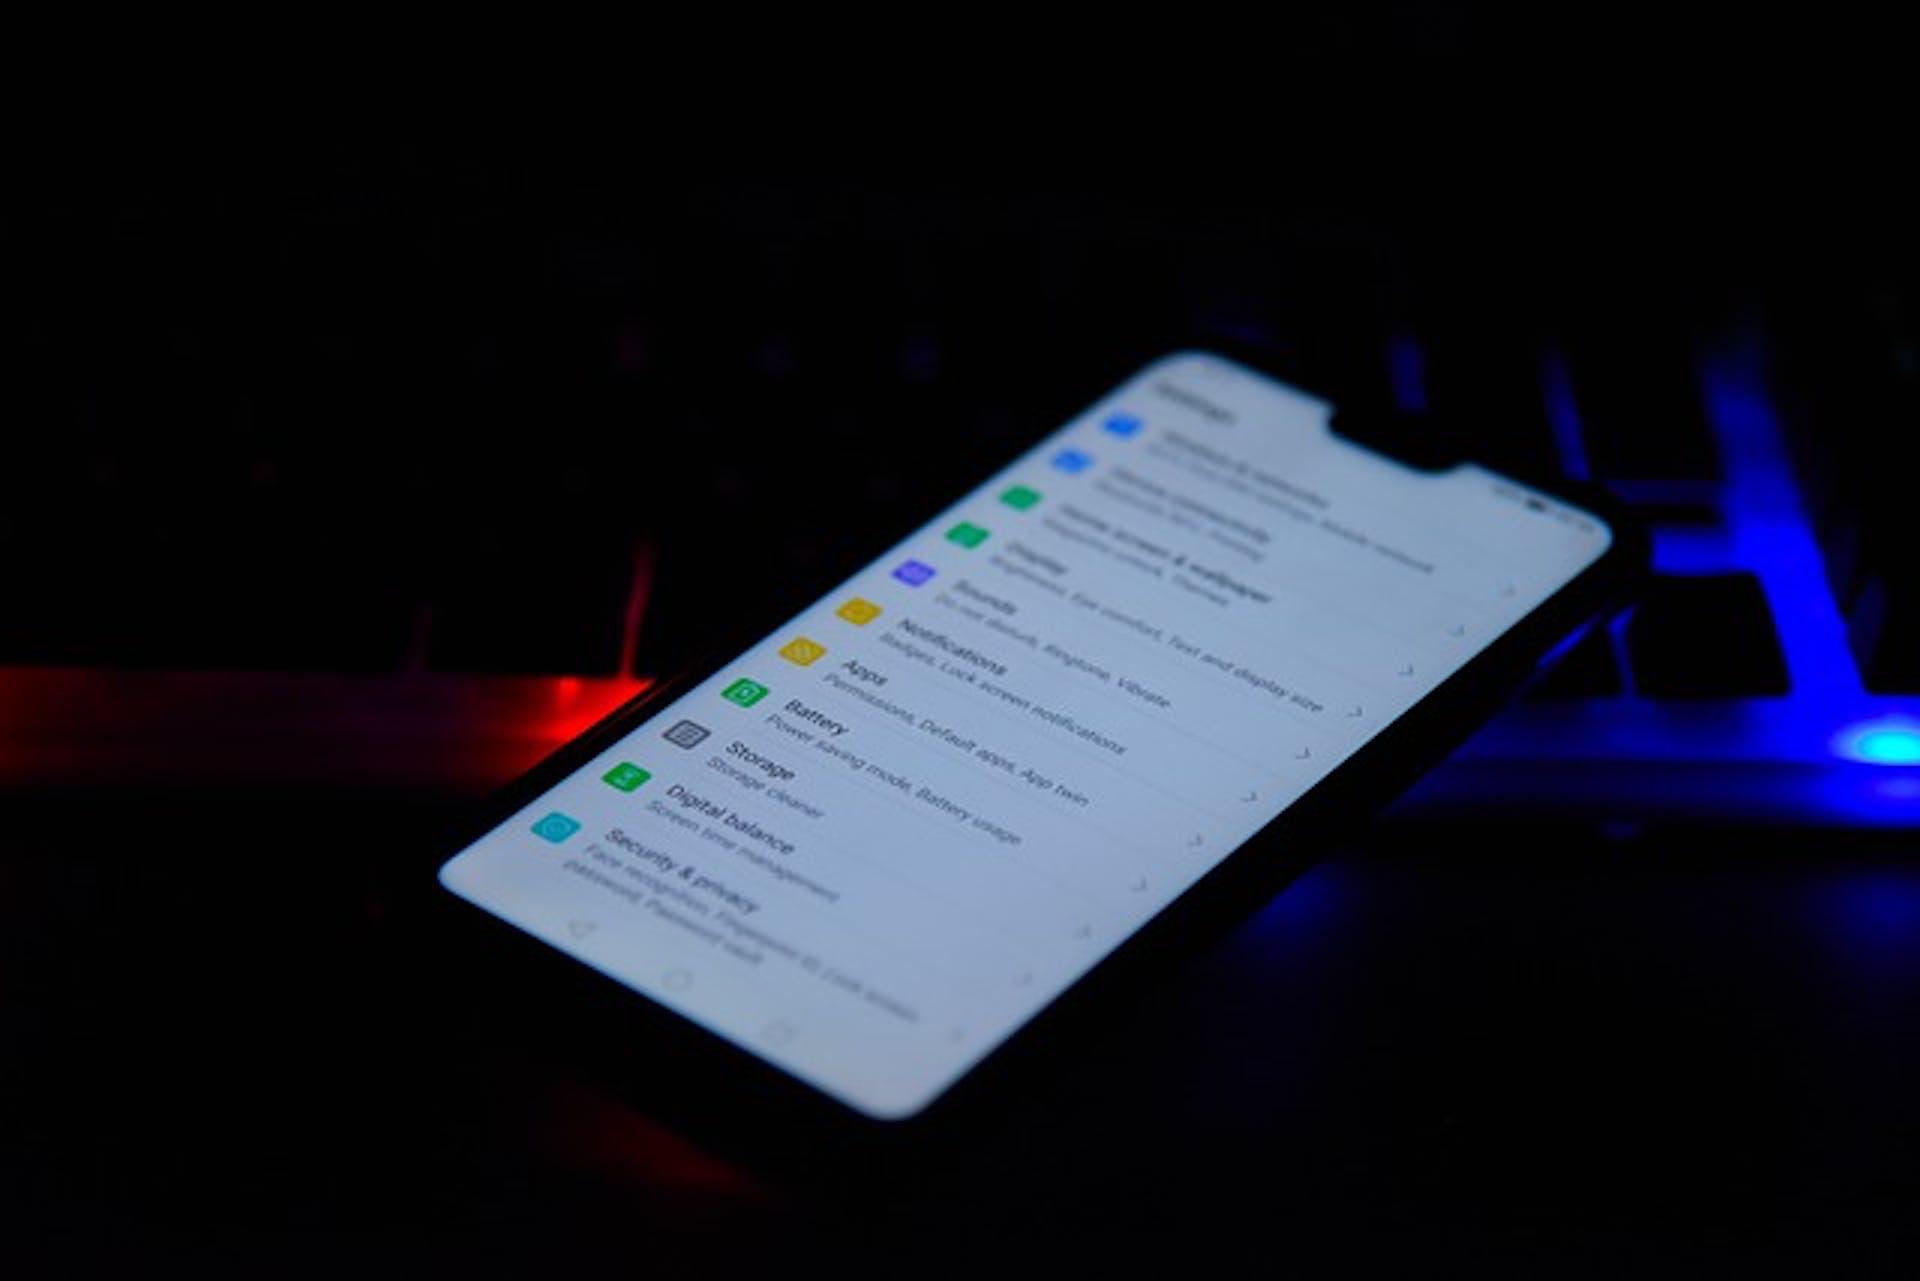 Sin apps de Google: administración Biden no ve razón para levantar veto comercial a Huawei